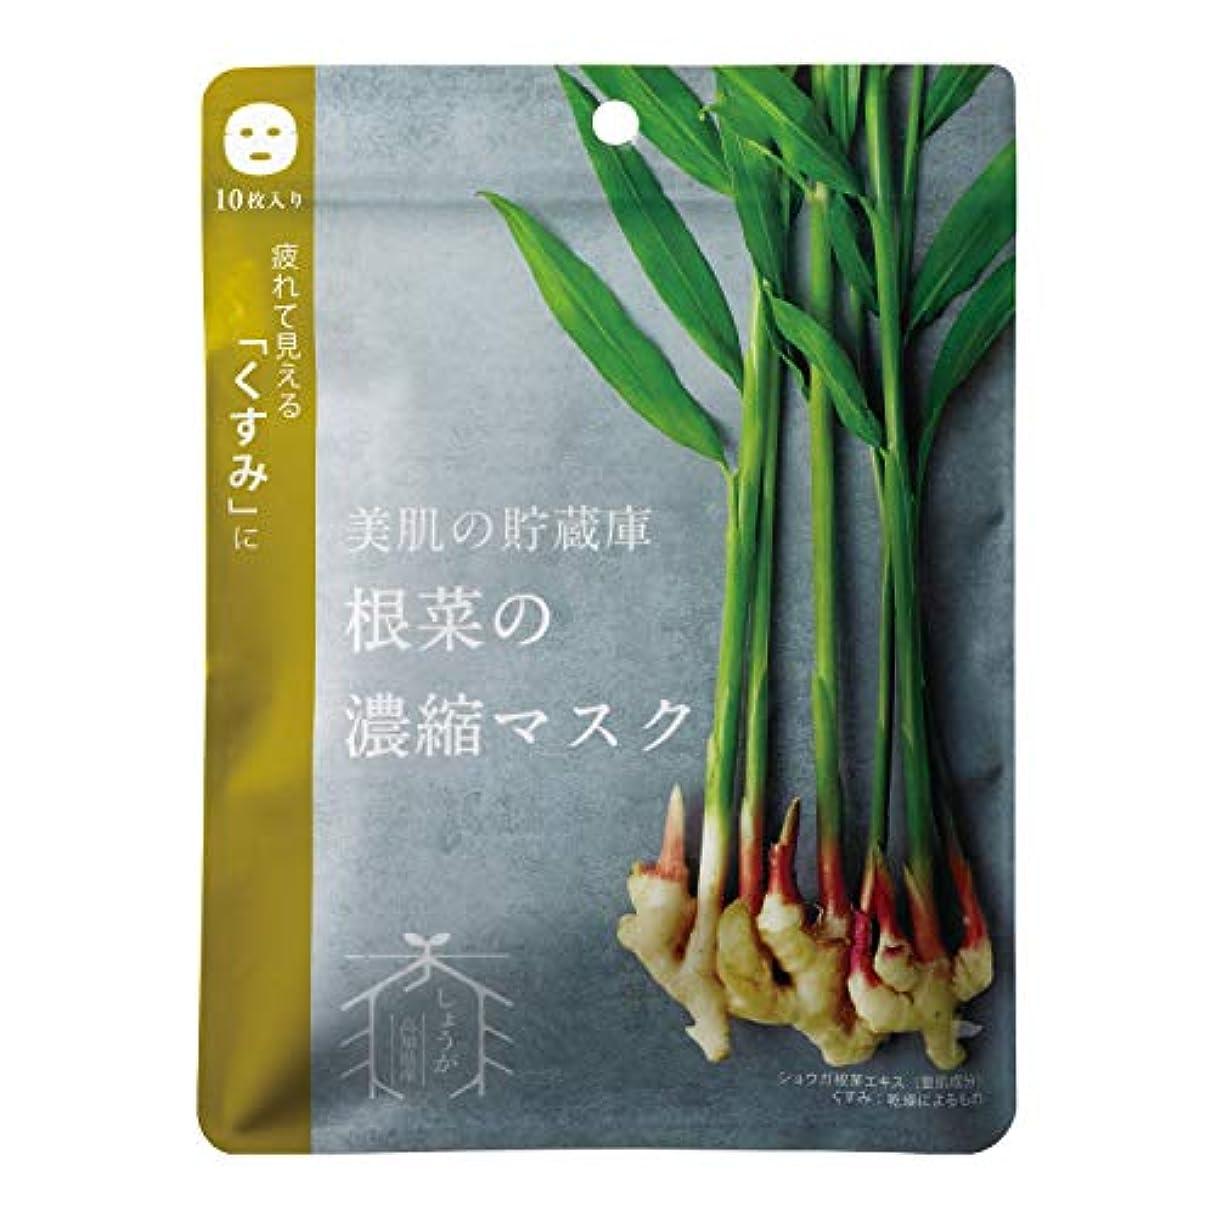 大佐解釈的ねばねば@cosme nippon 美肌の貯蔵庫 根菜の濃縮マスク 土佐一しょうが 10枚 160ml